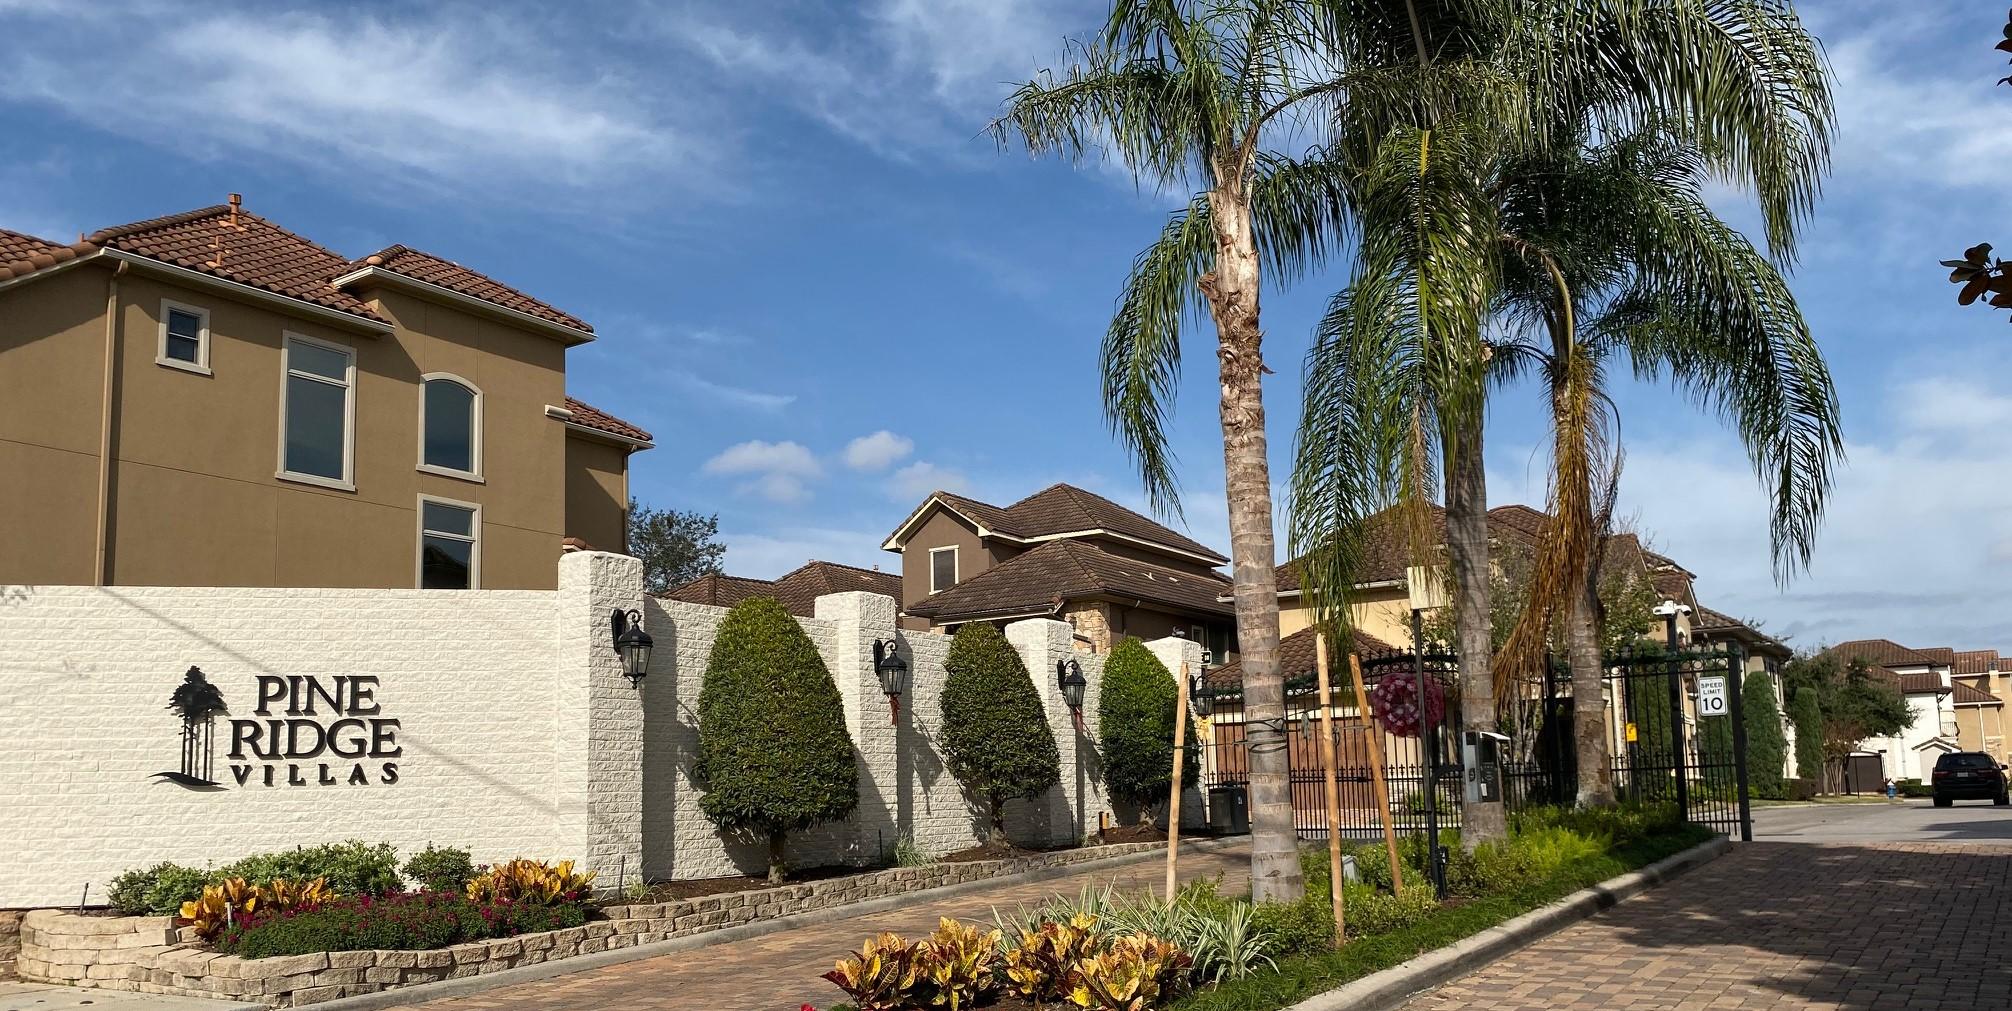 Pine Ridge Villas